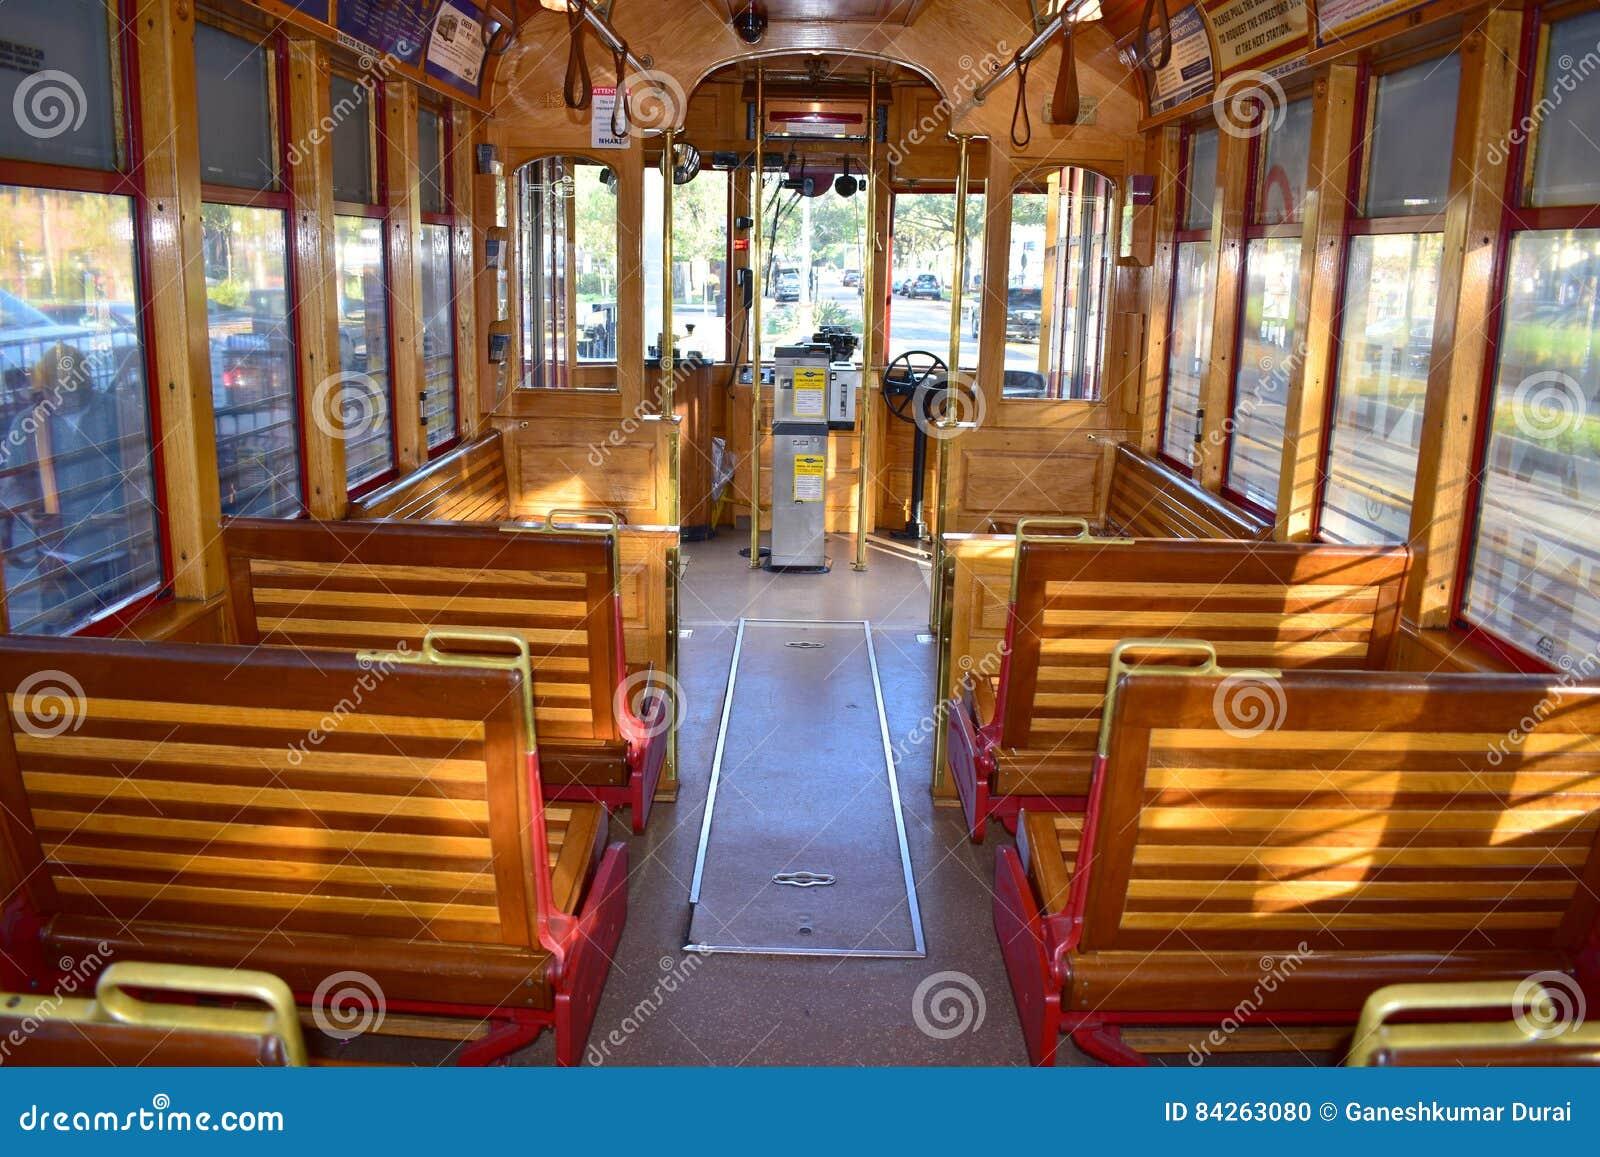 Tampa, Floryda Styczeń 07, 2016: - usa - TECO linii tramwaj S